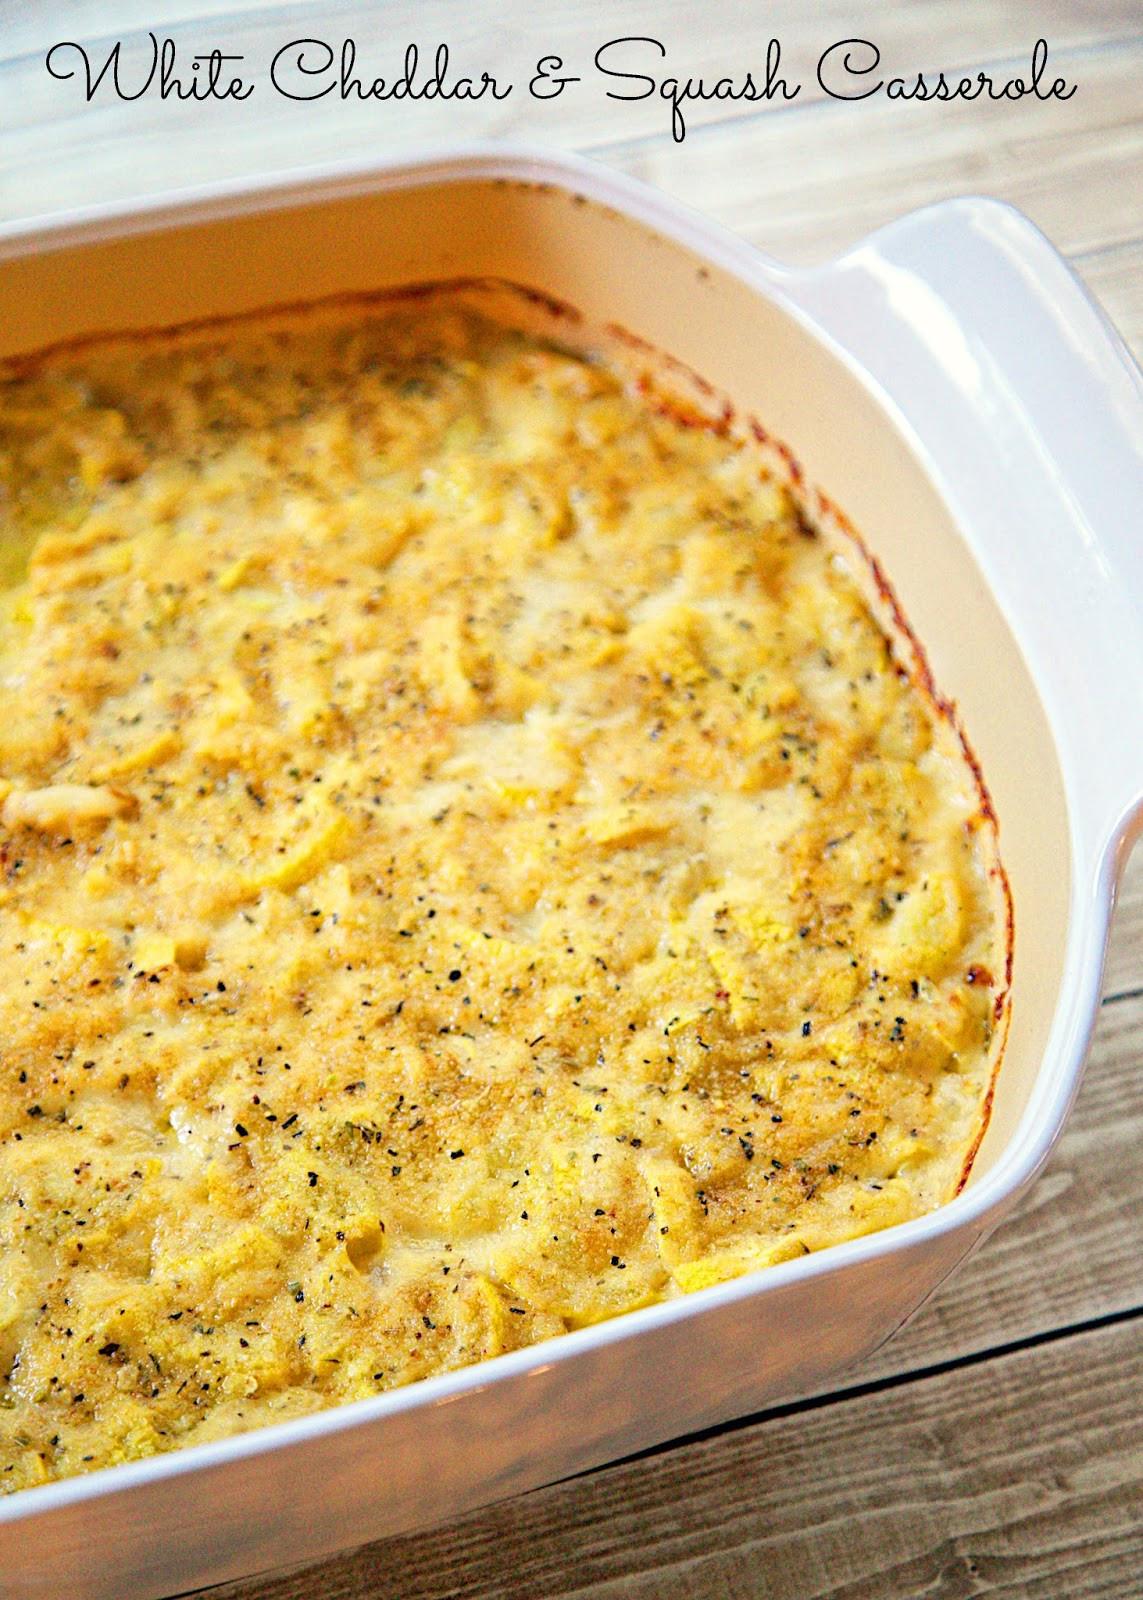 Squash Casserole Recipe  White Cheddar & Squash Casserole